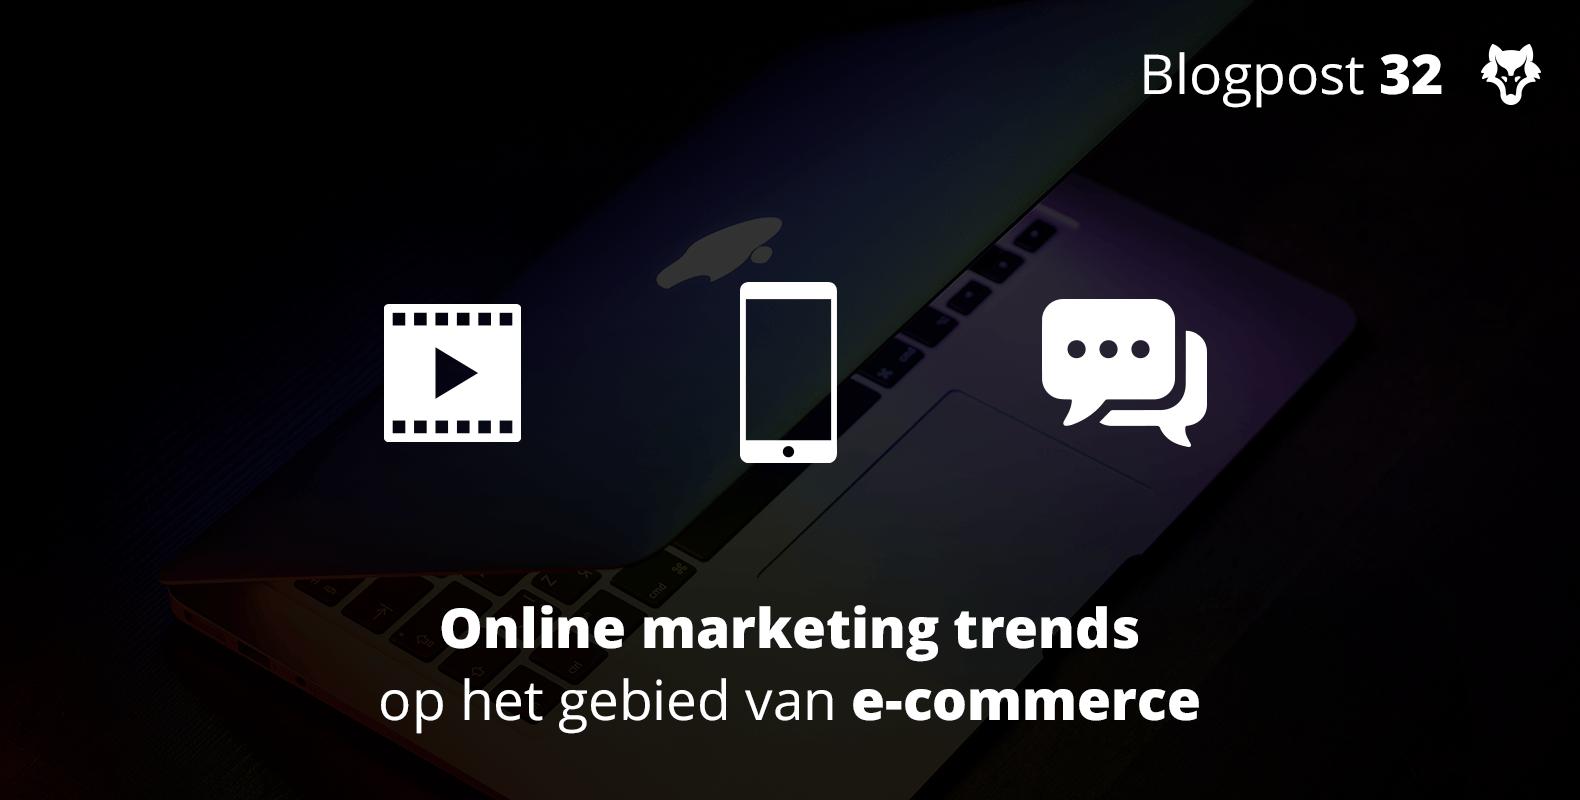 Online marketing trends op het gebied van e-commerce